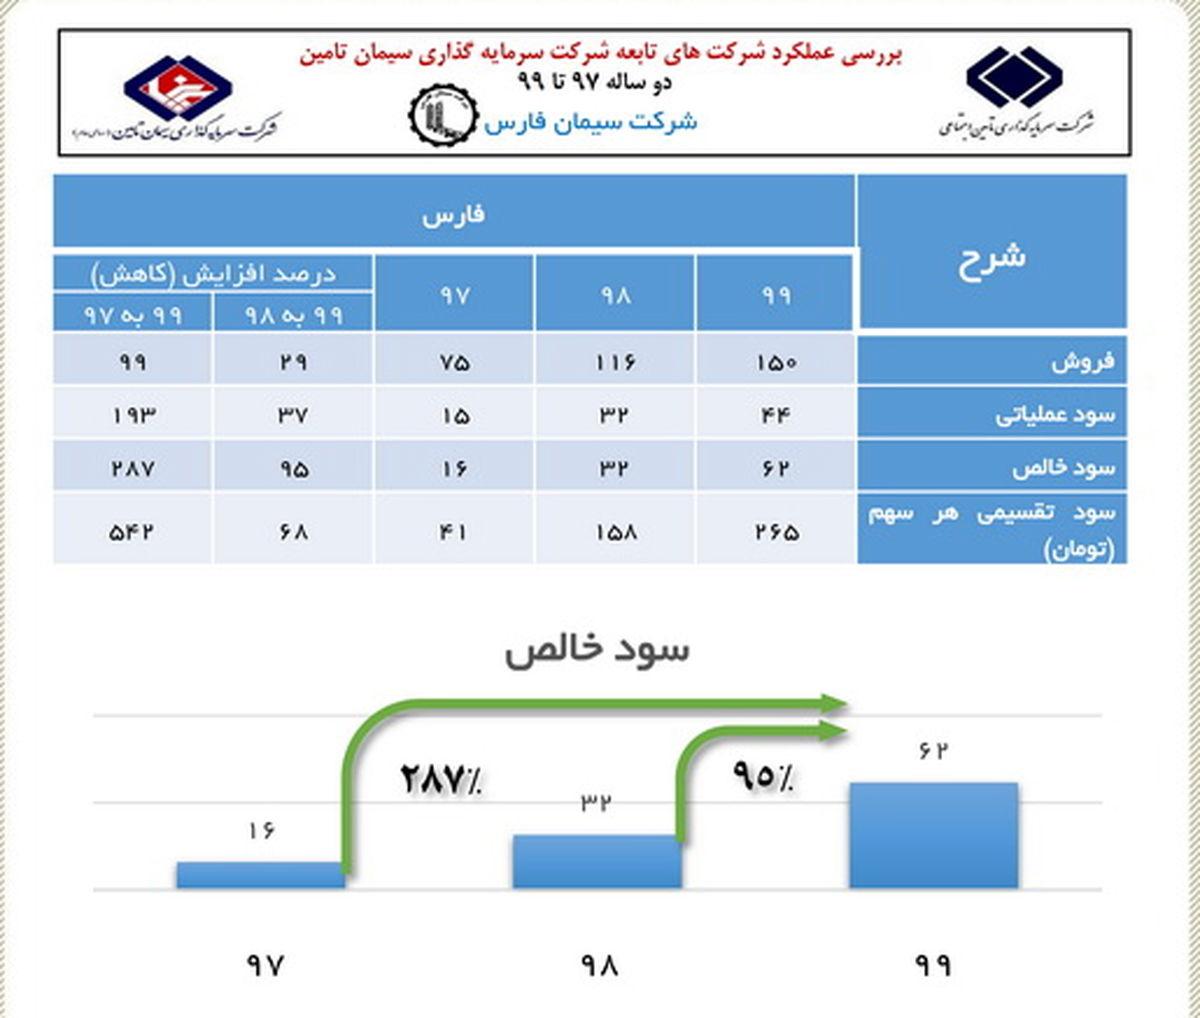 رشد ۲۸۷ درصدی سود خالص در سیمان فارس